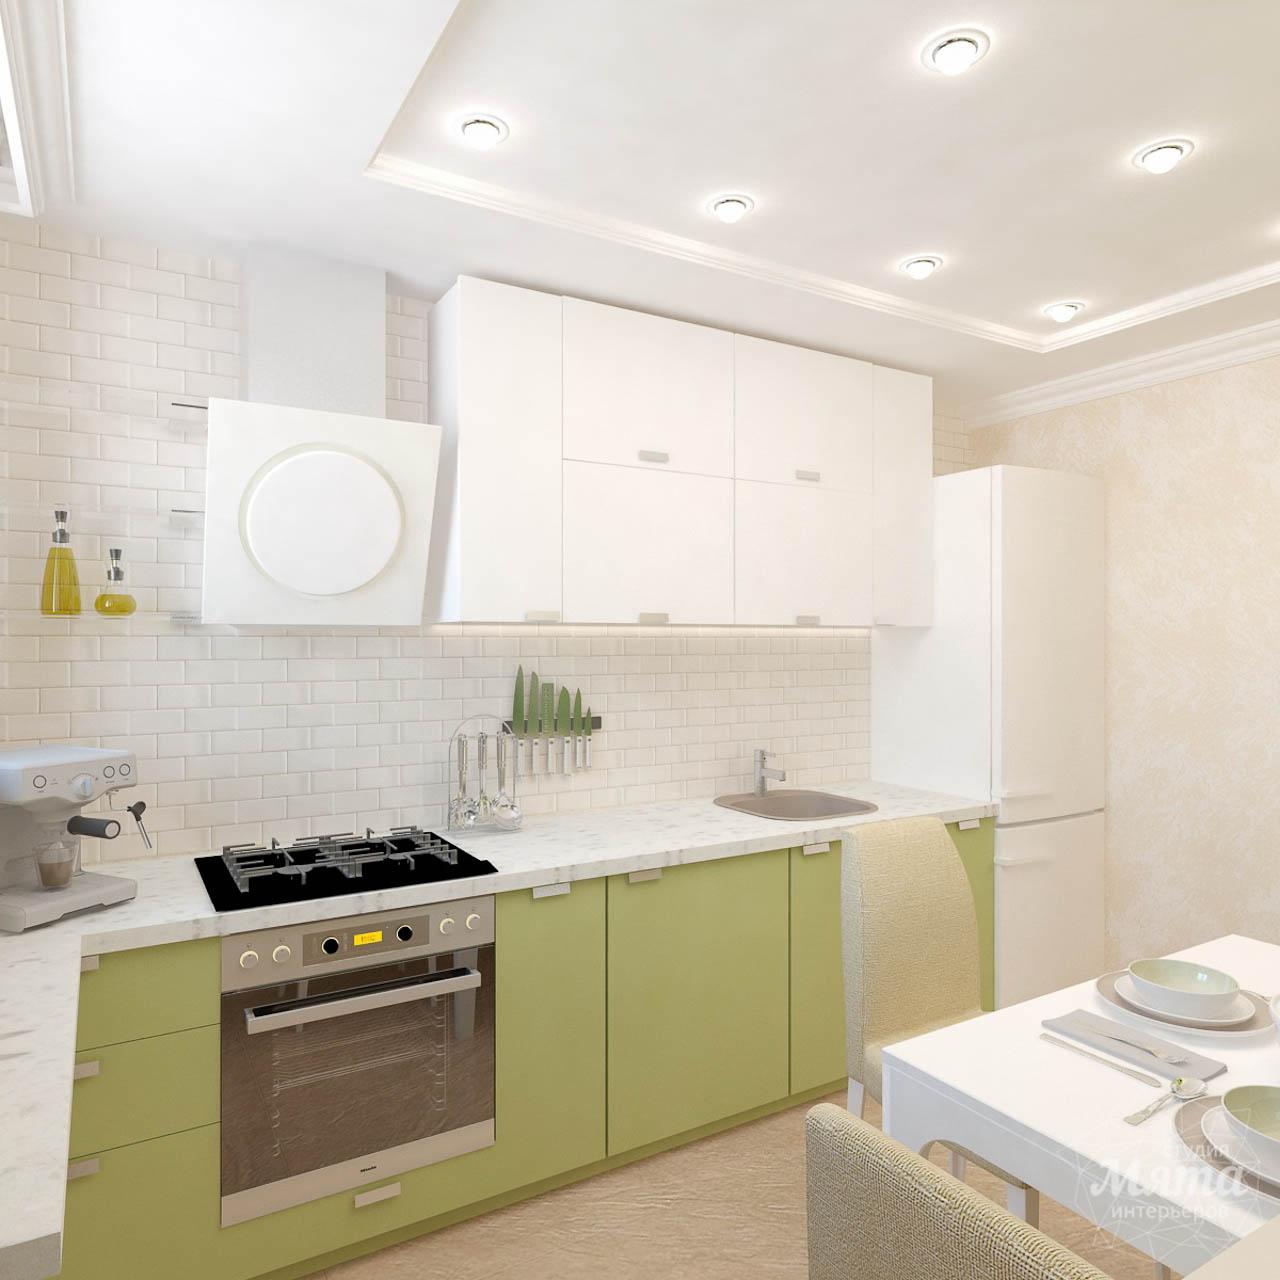 косметический ремонт квартиры недорого цены